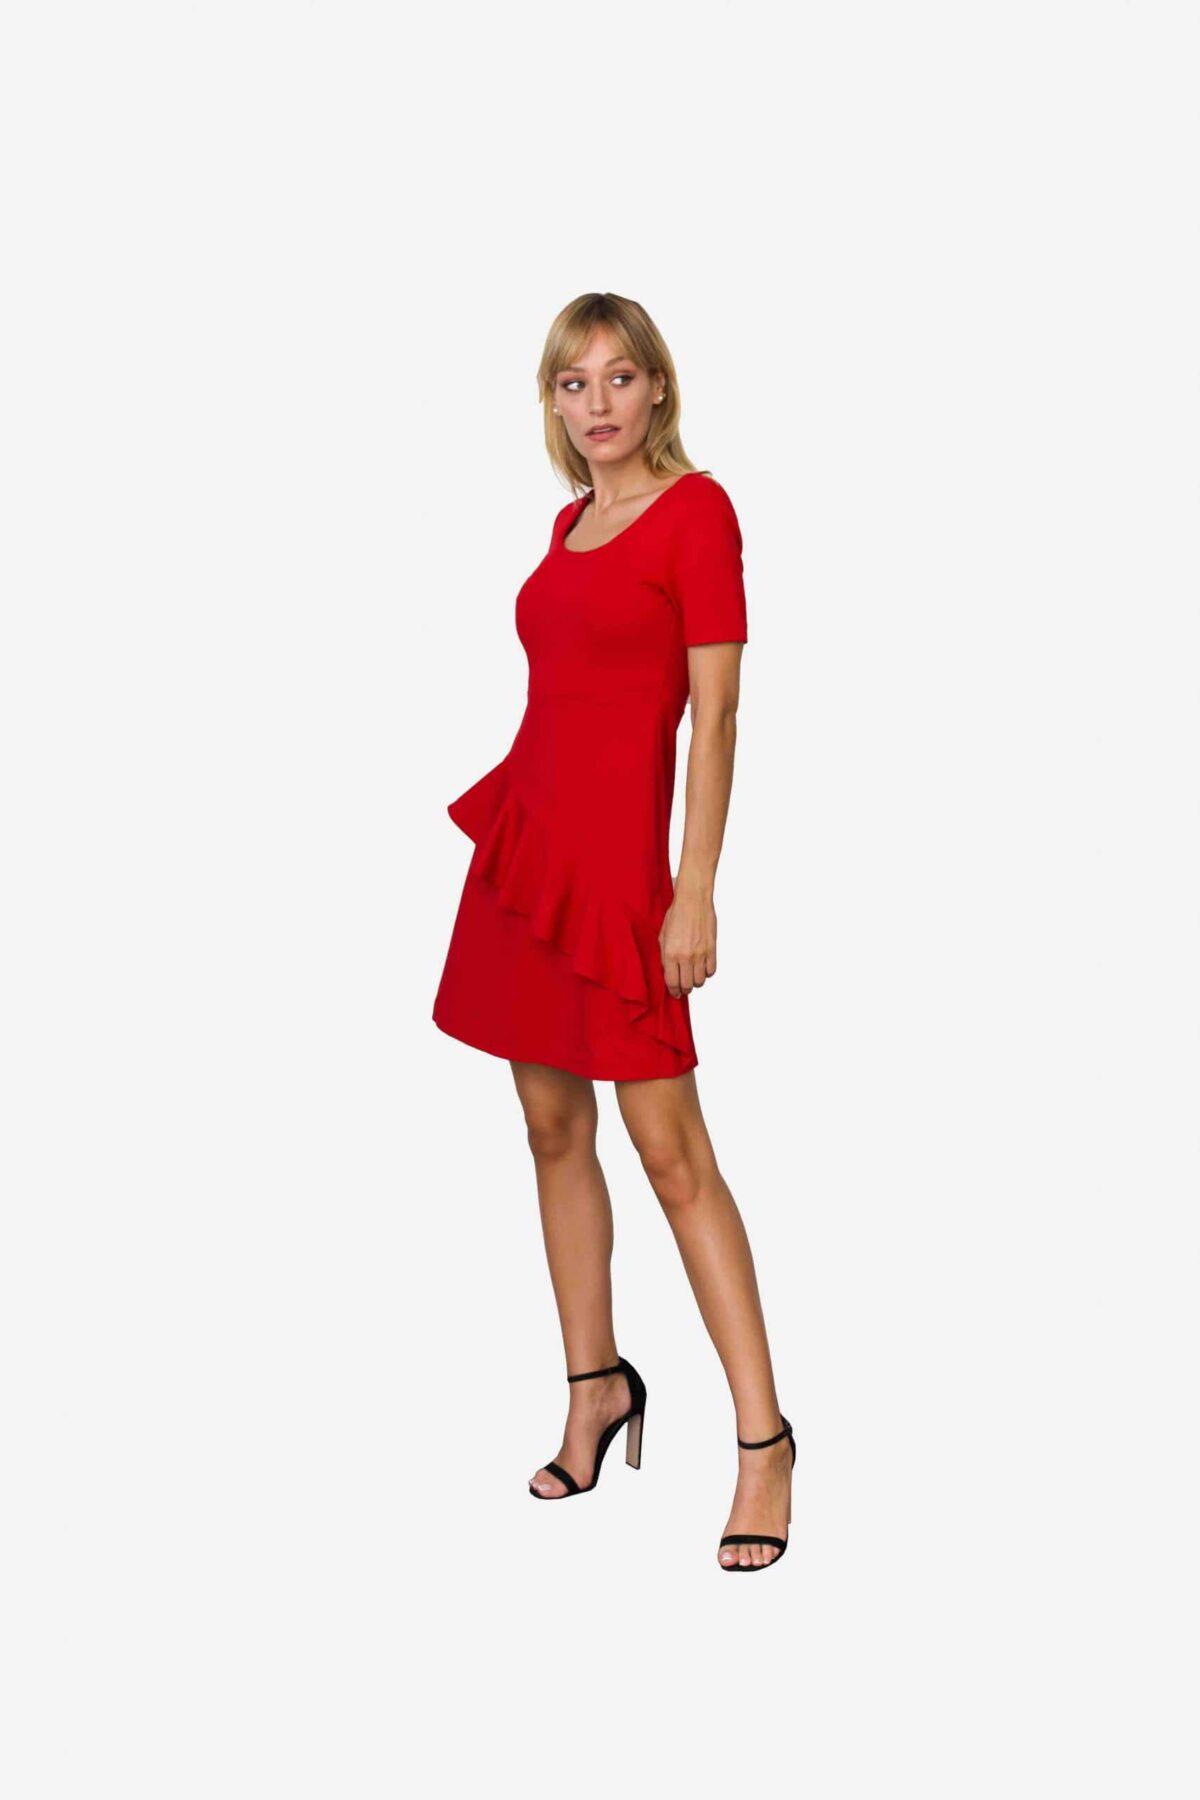 Kleid Loretta von SANOGE. Feminines Etuikleid in rot mit Volant und kurzem Arm. Knielang. Aus rotem Premium Jersey.